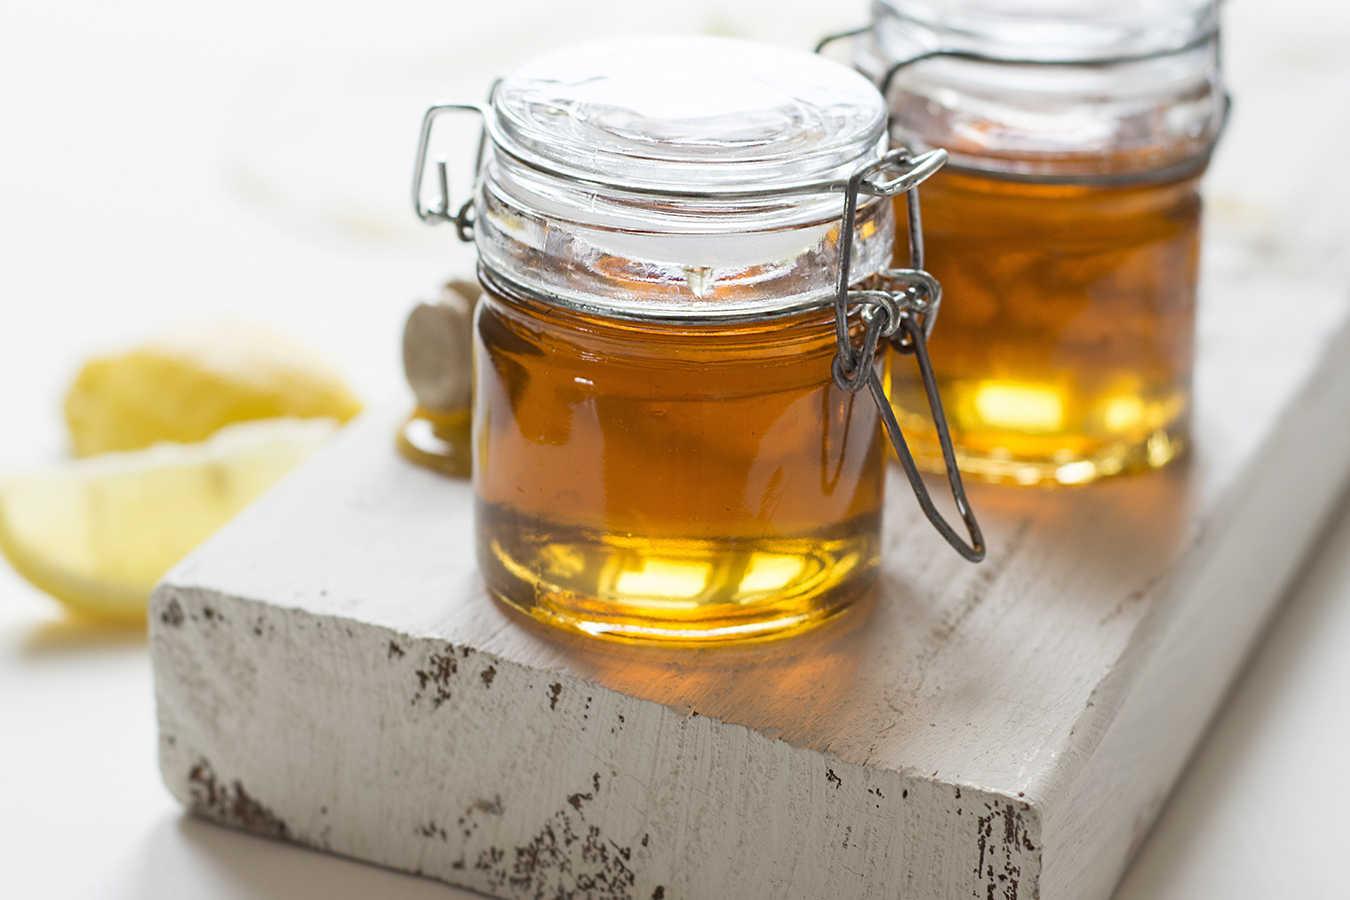 Valeriu Tabara: etichete false pe borcanele cu miere